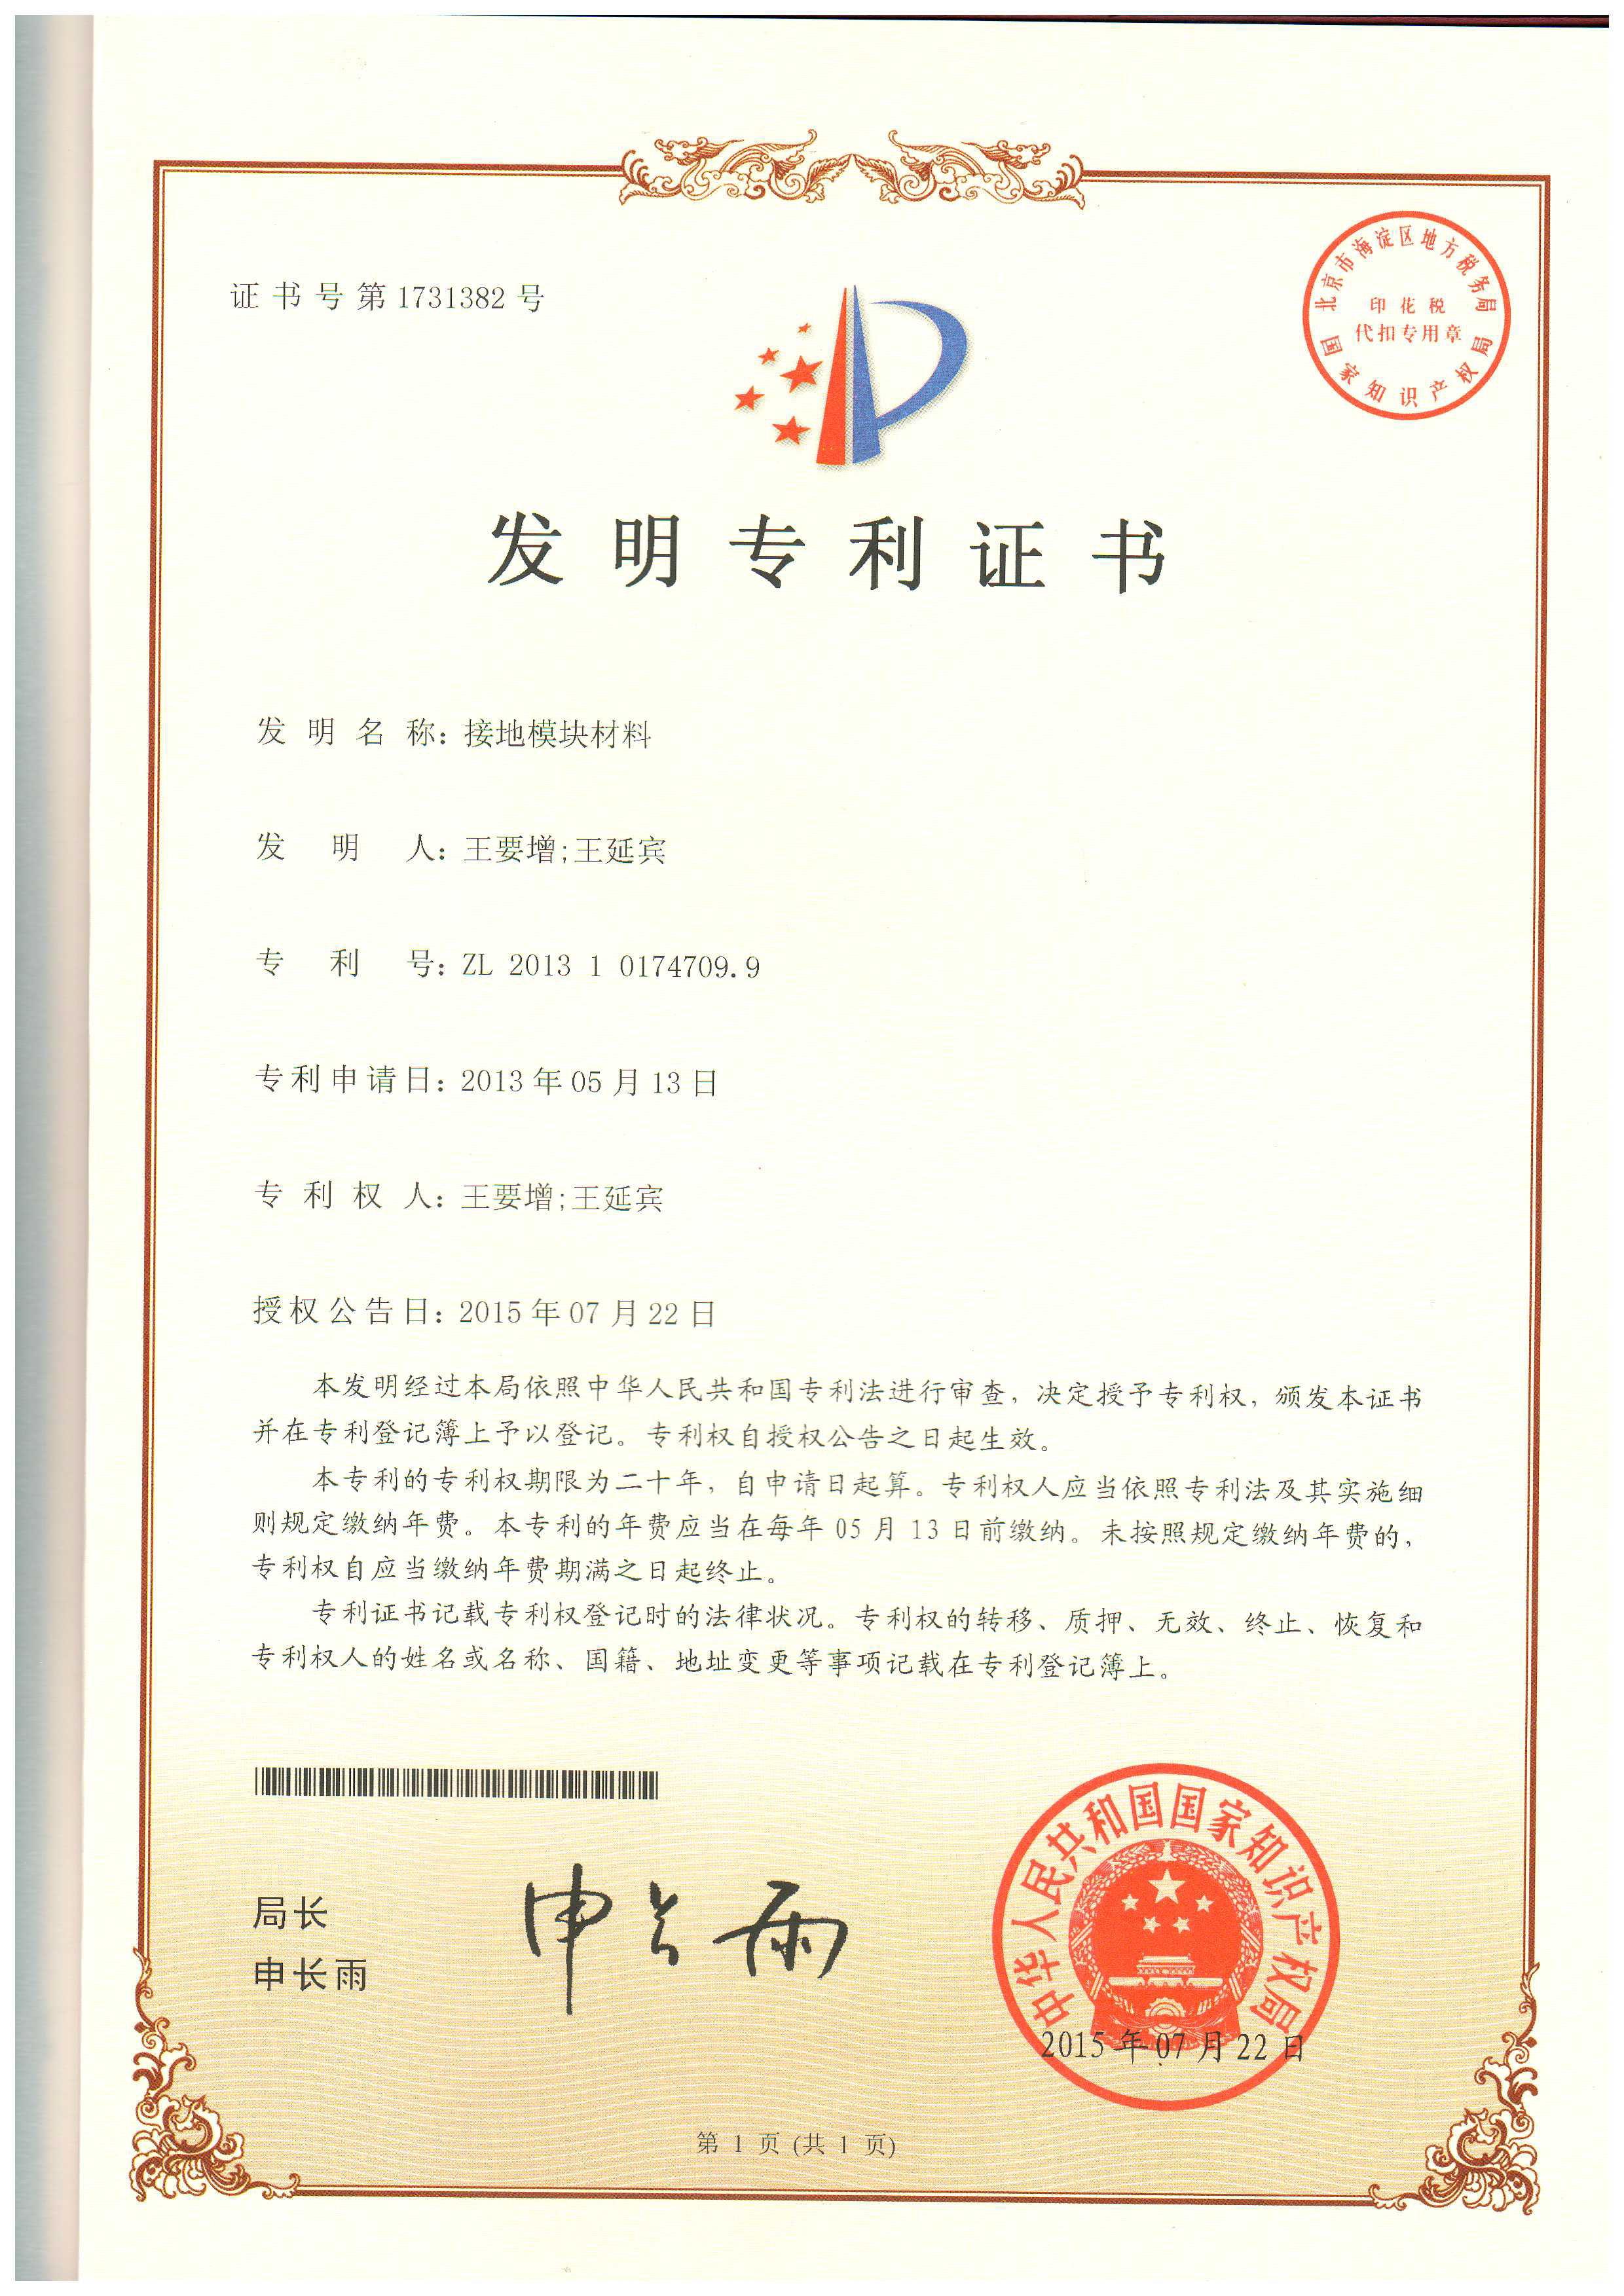 接地模块材料发明专利证书